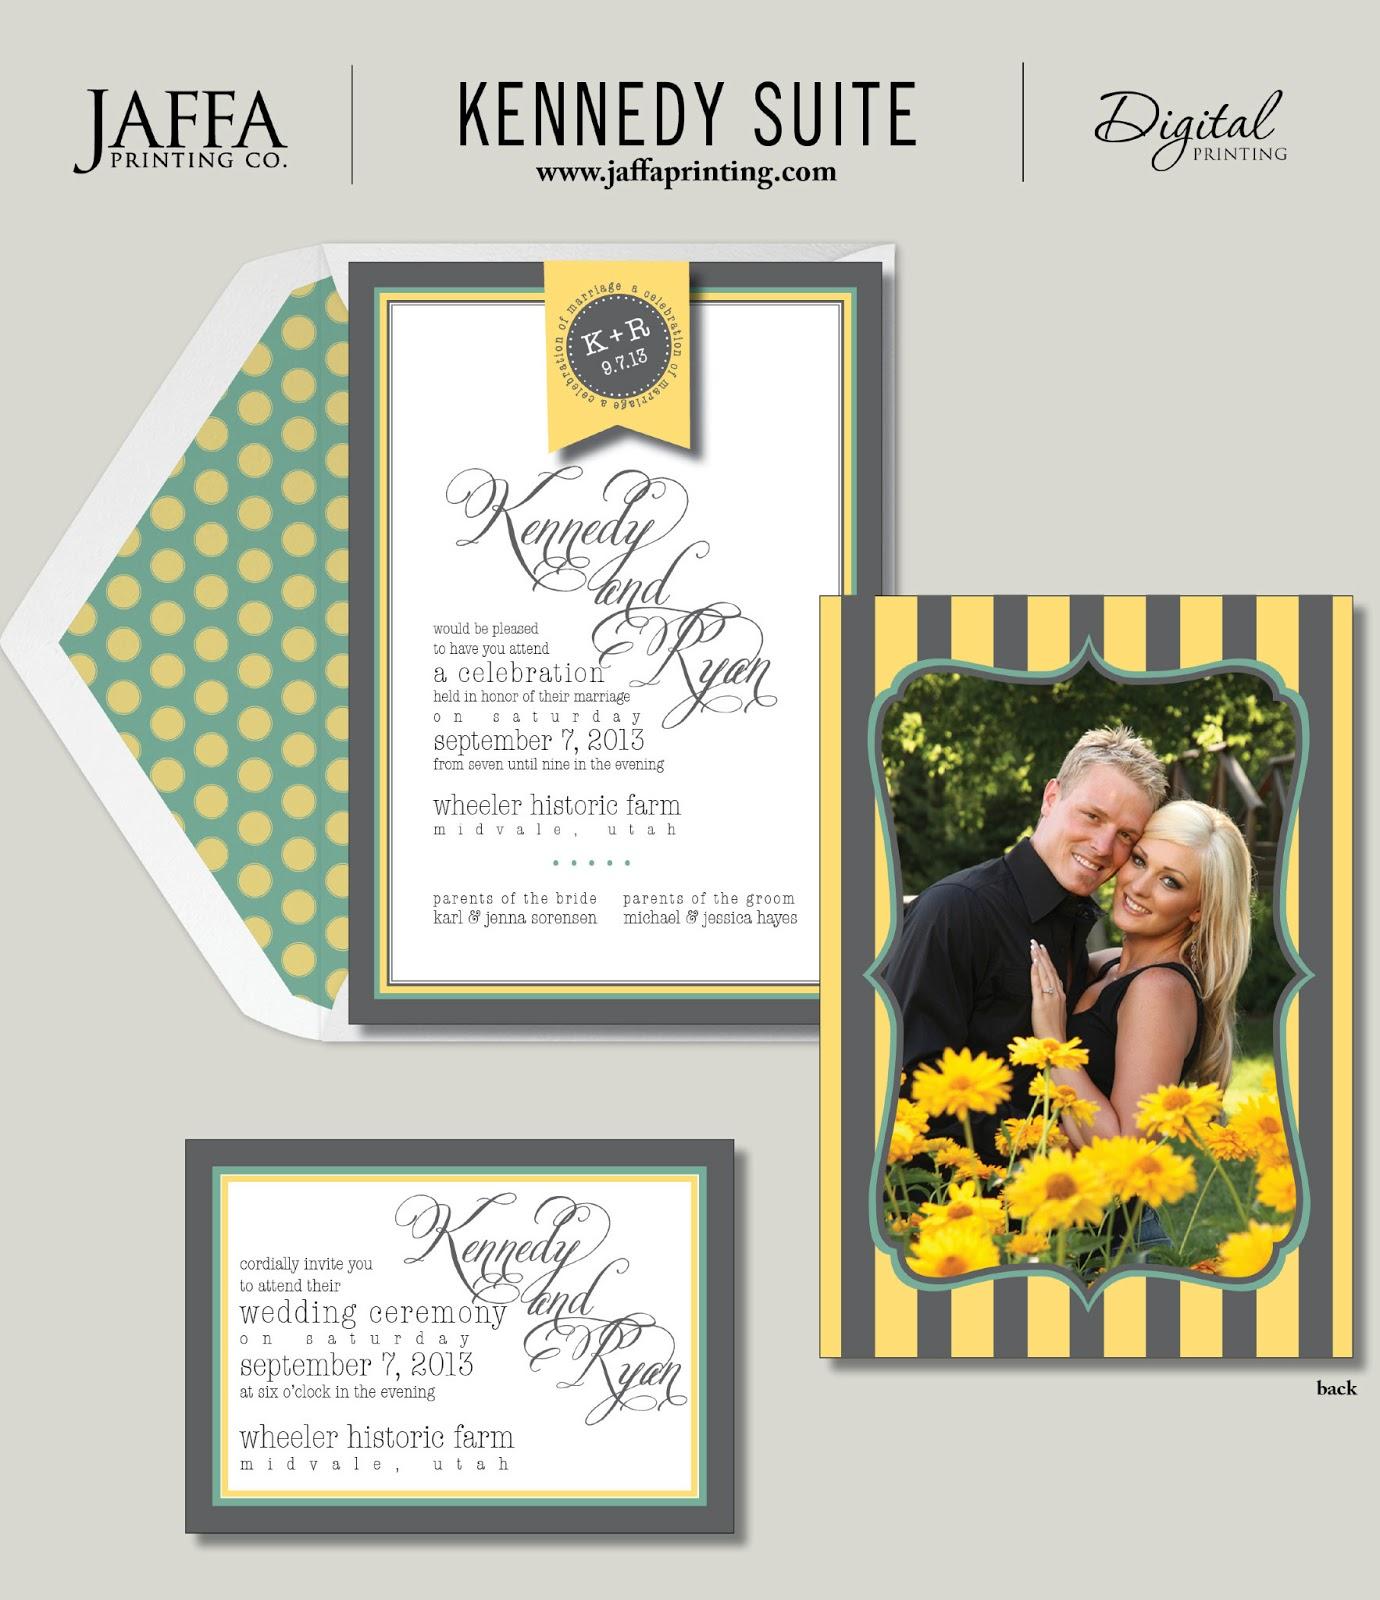 Wedding Invitation Blog: Double-sided Photo Wedding